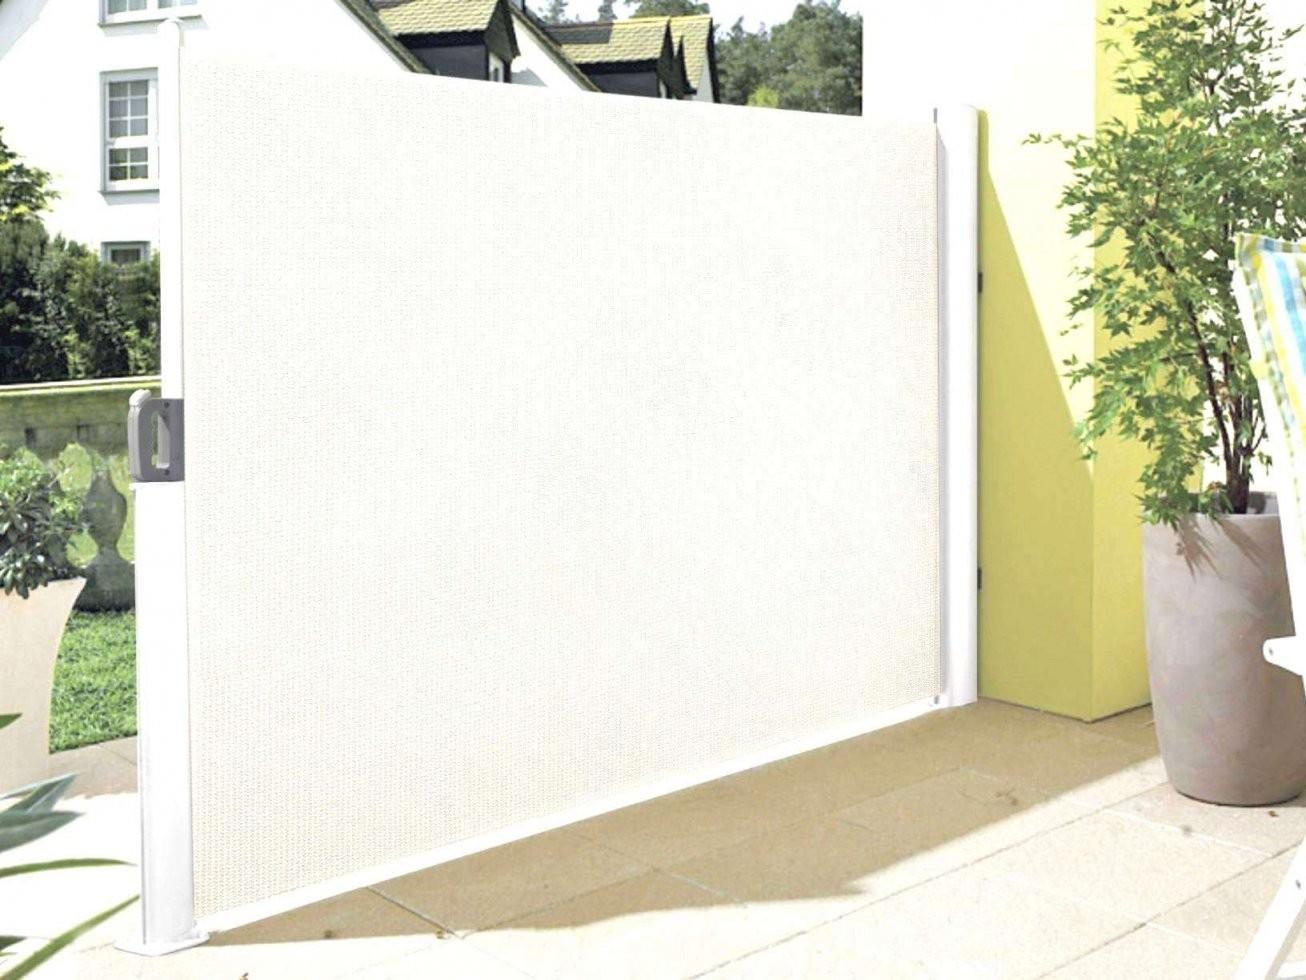 Balkon Trennwand Ideen Schema Von Seitlicher Sichtschutz Für Balkon von Seitlicher Sichtschutz Für Balkon Ohne Bohren Bild